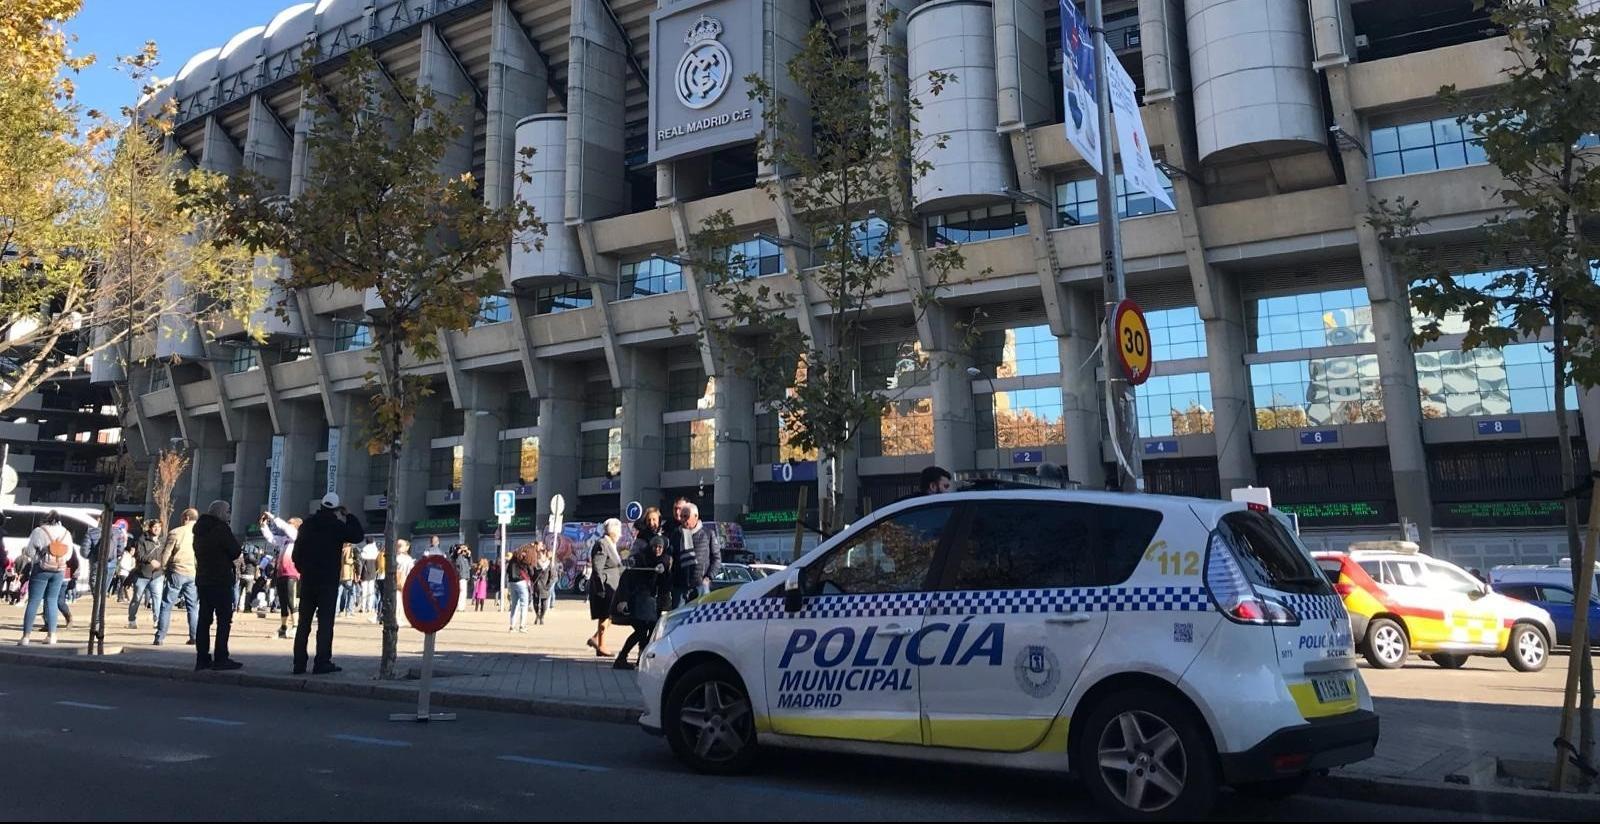 La Policía deniega el acceso en Barajas de un segundo hincha de River y abre expediente para que regrese a Argentina